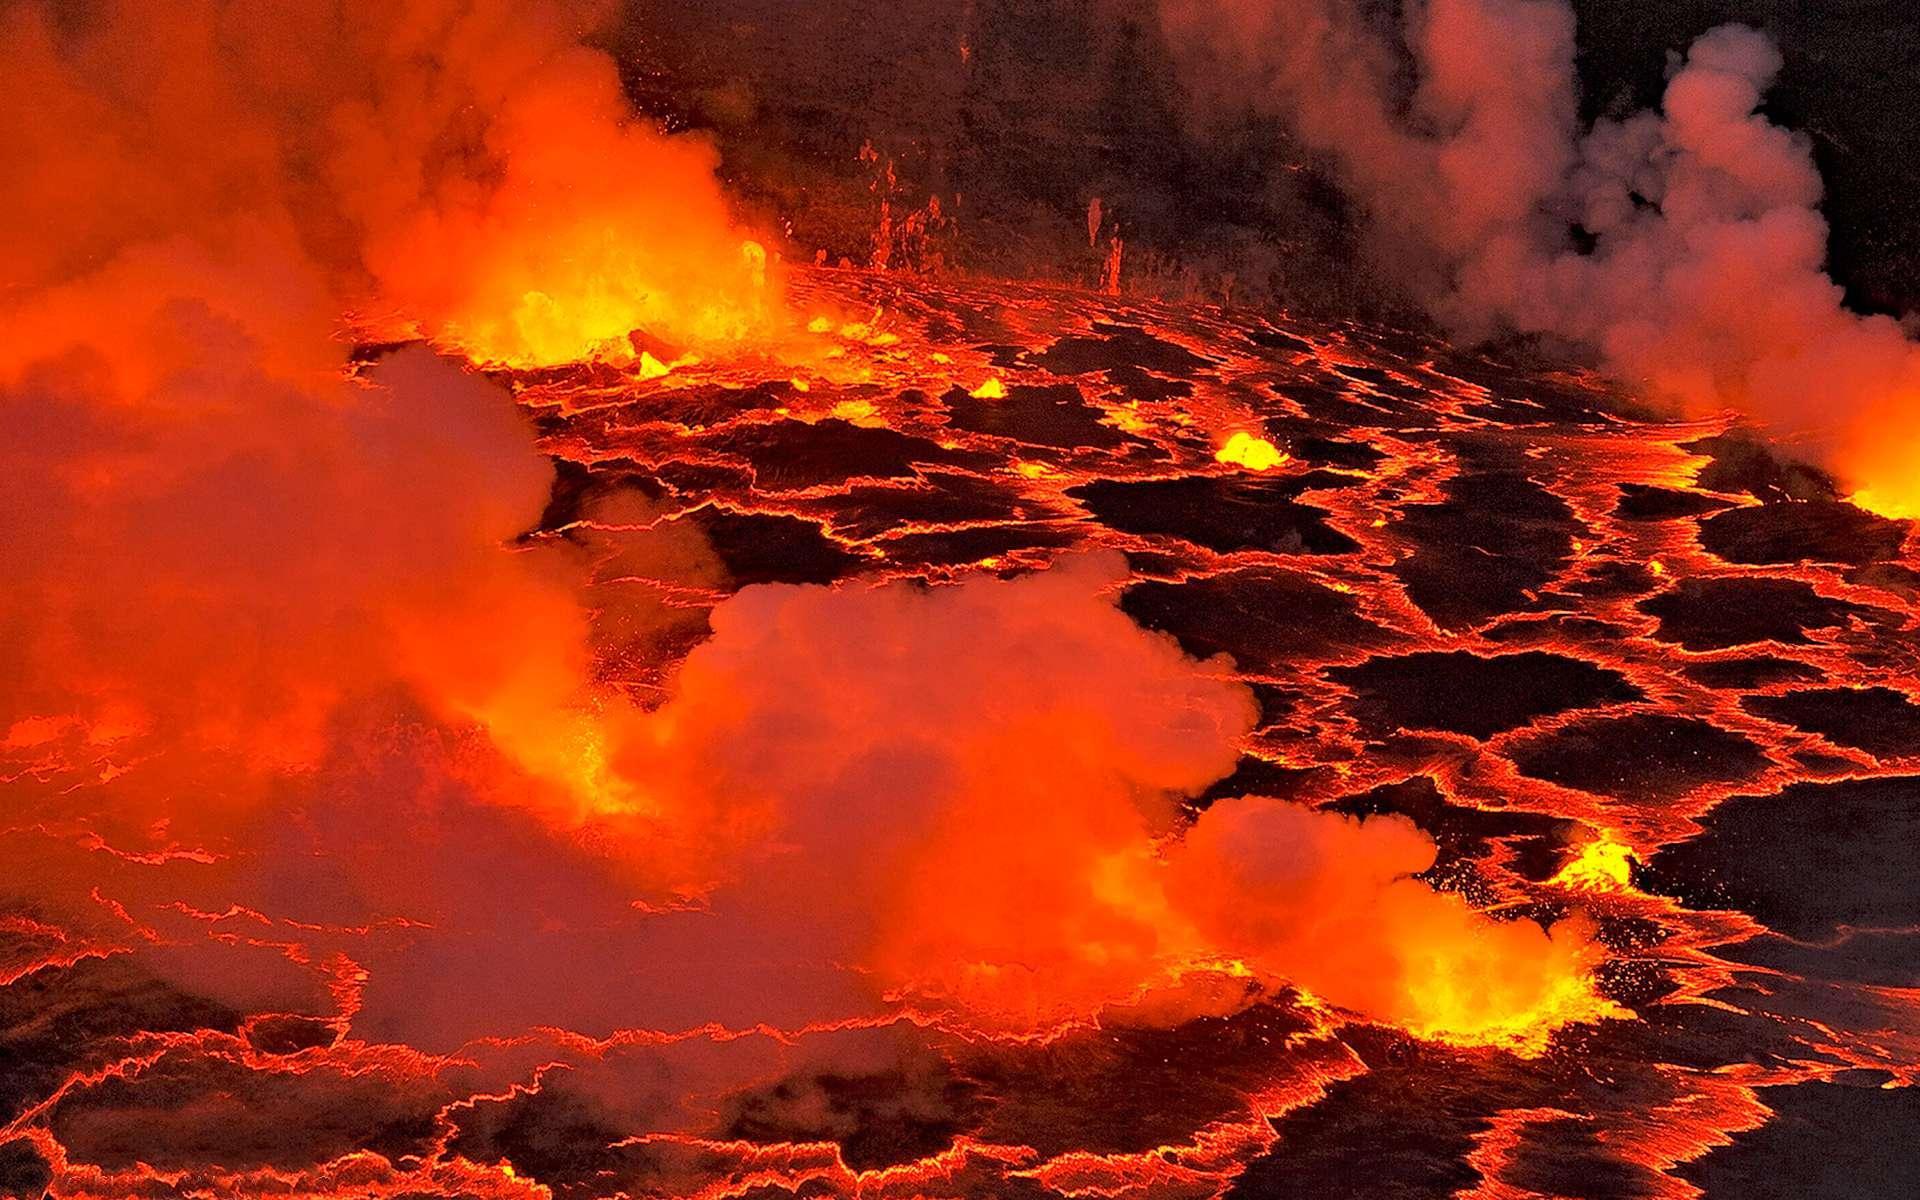 Fin de l'éruption du volcan Nyaragongo en RDC: Revisitons Haroun Tazieff!